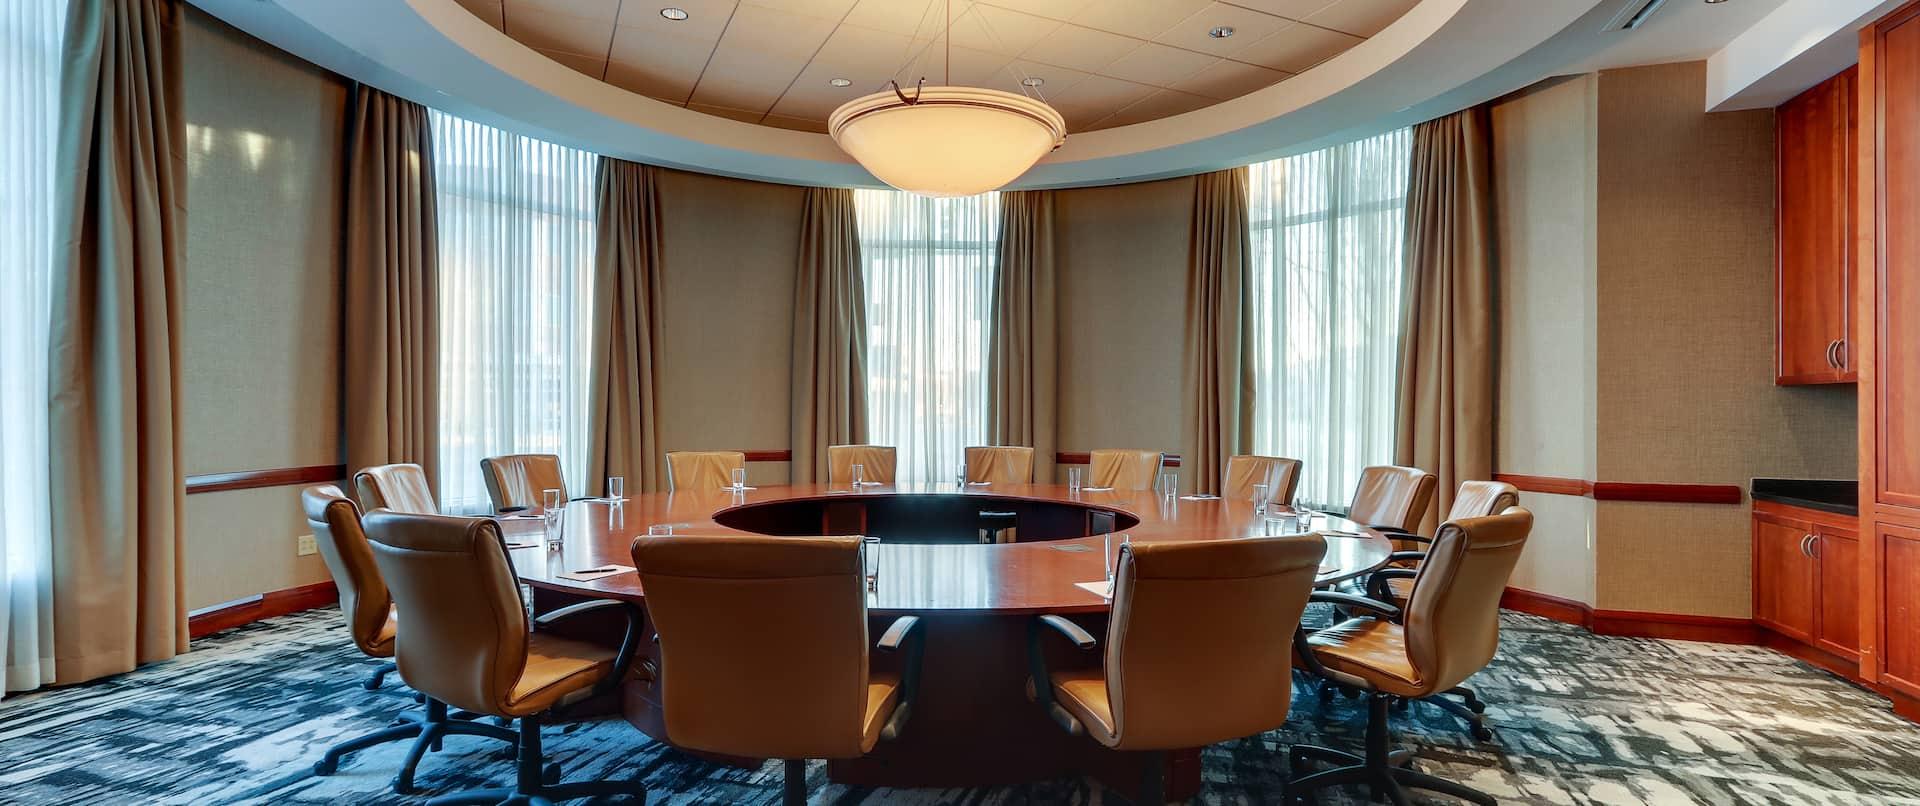 Kinsey Meeting Room